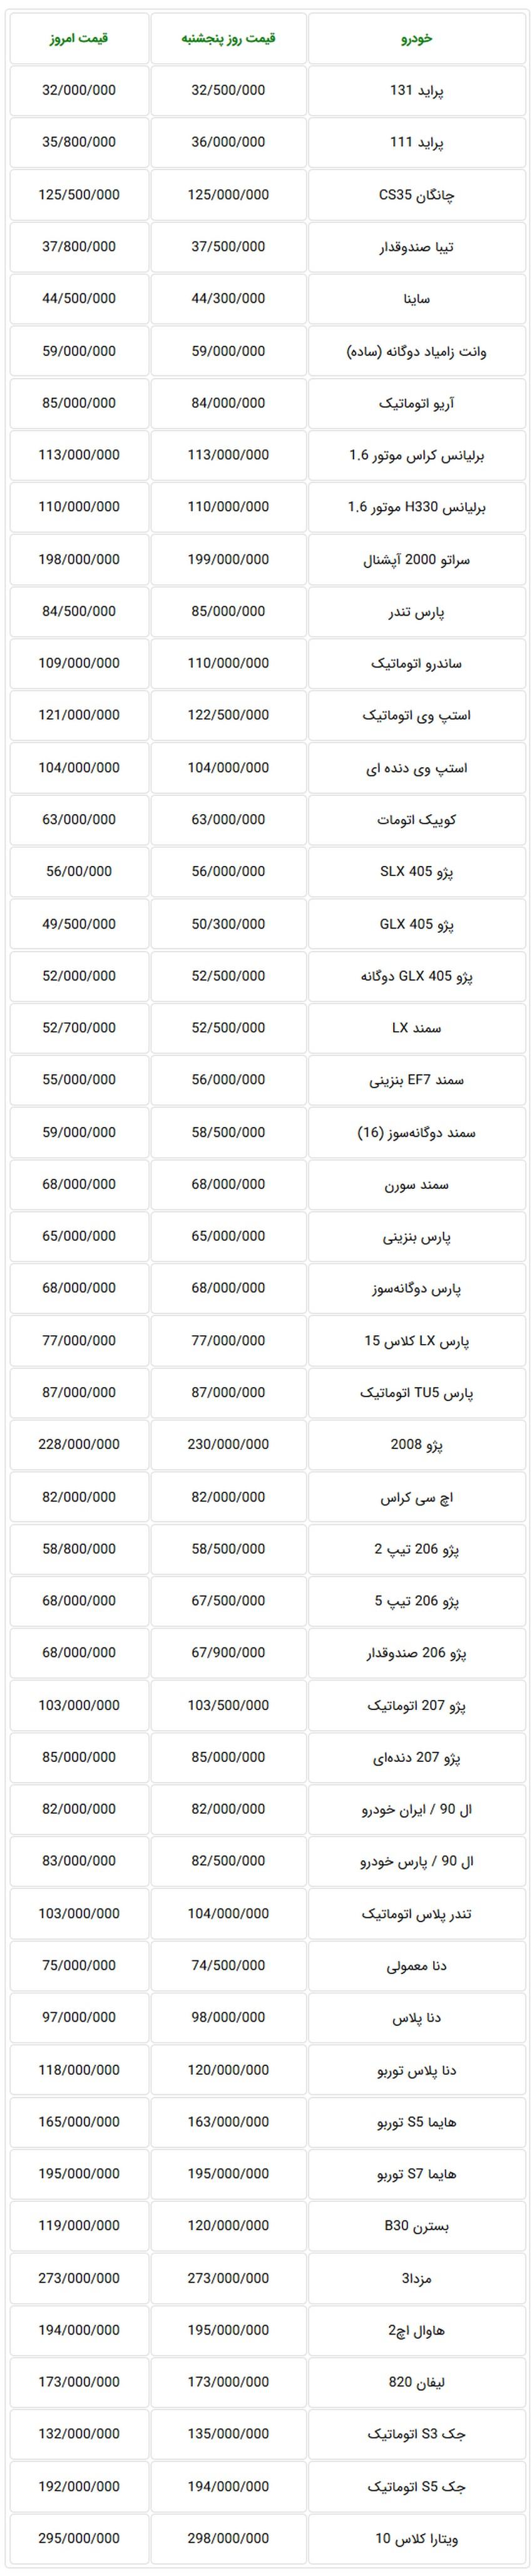 جدول قیمت جدید خودرو در بازار تهران - شنبه 5 آبان ماه 97